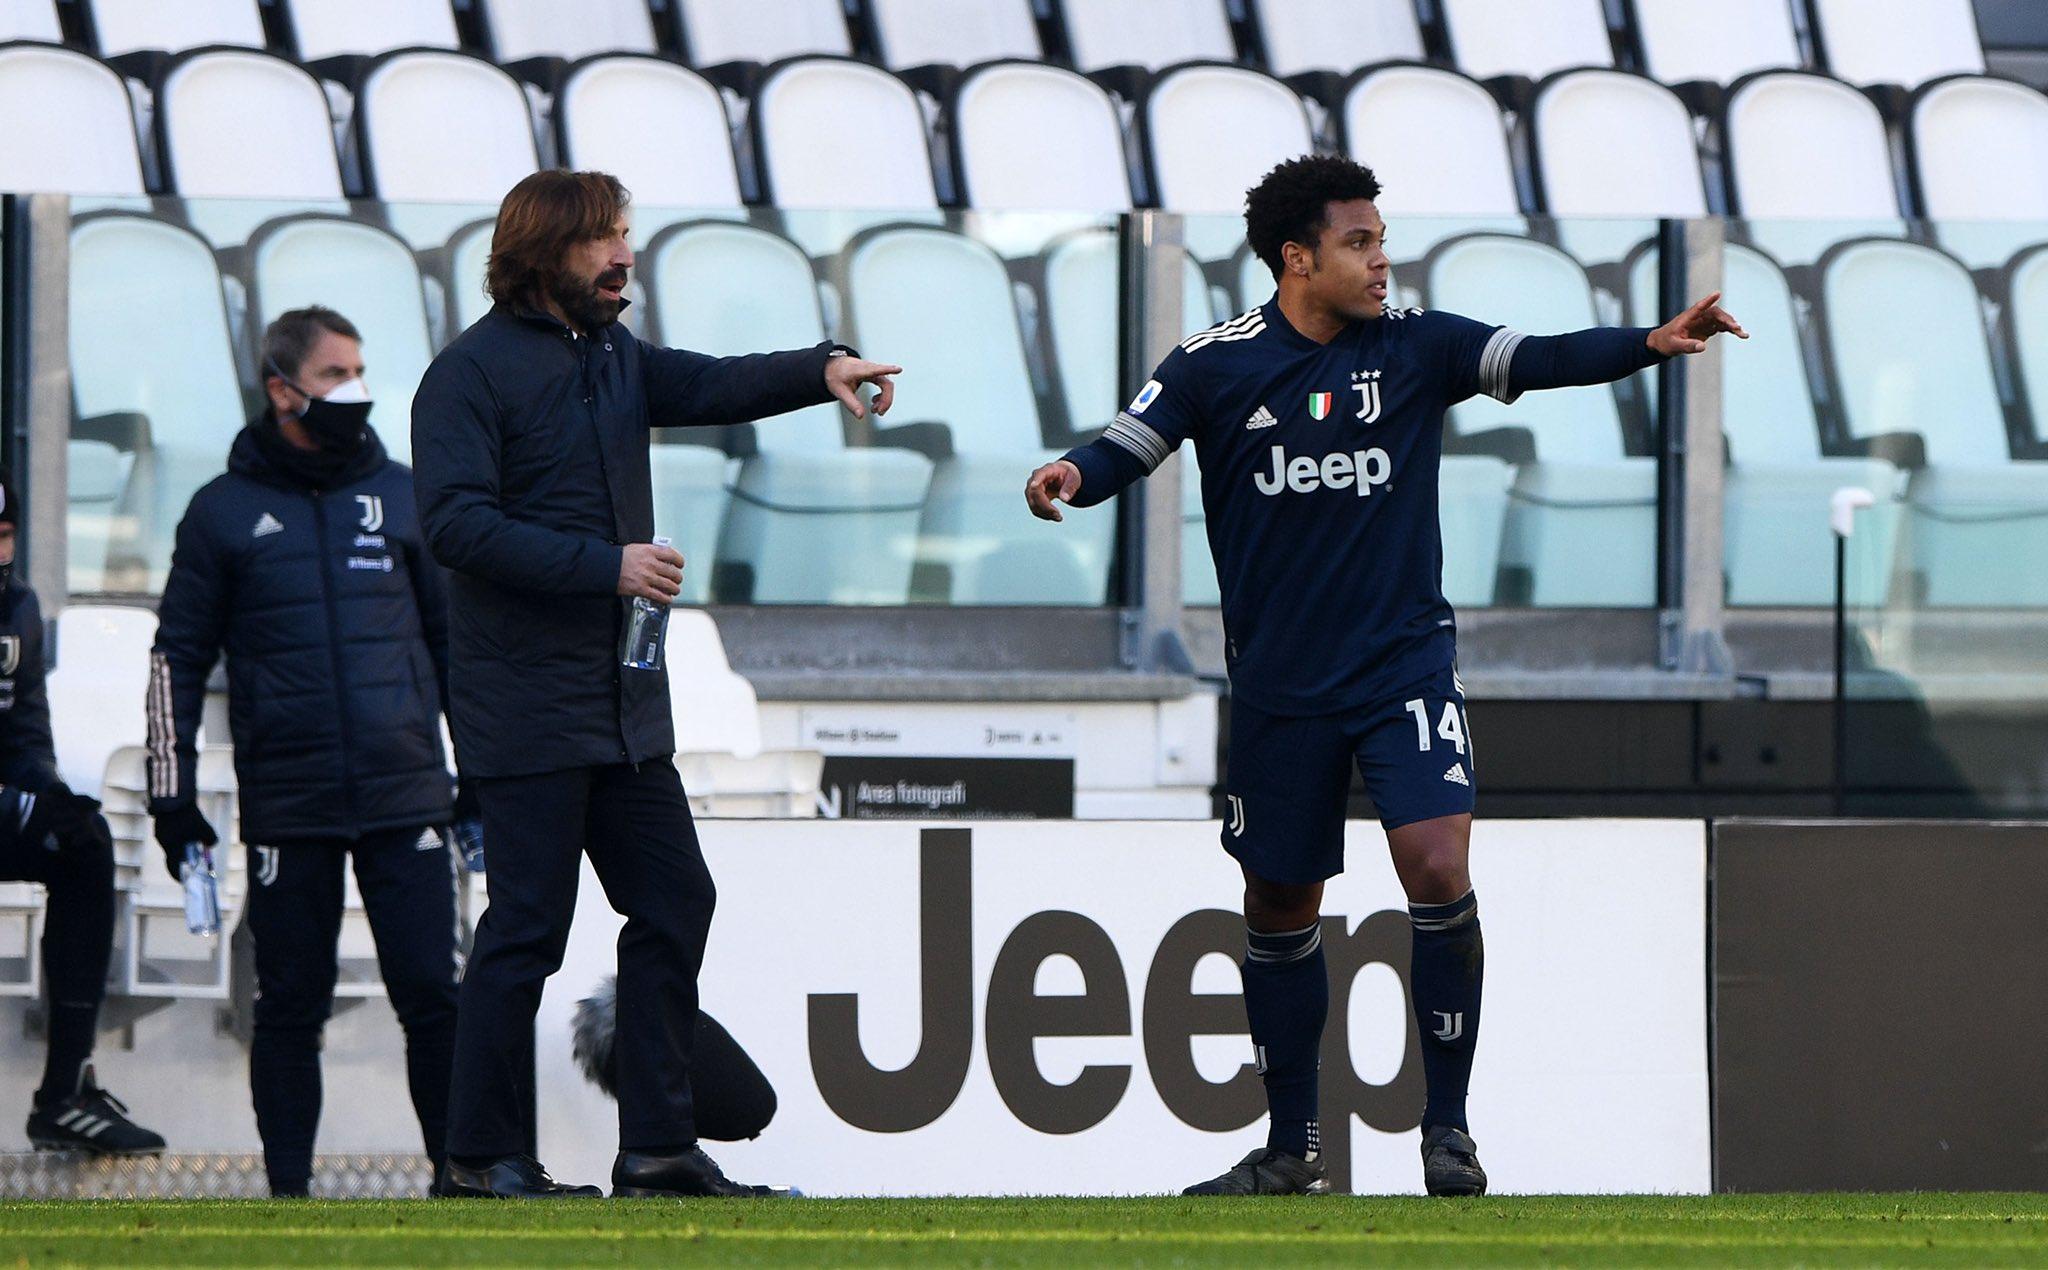 Pirlo memiliki kecenderungan untuk mengarahkan para pembelajar permainan secara perlahan, menunggu lawan membuat celah untuk menyerang.  Foto: Juventus FC